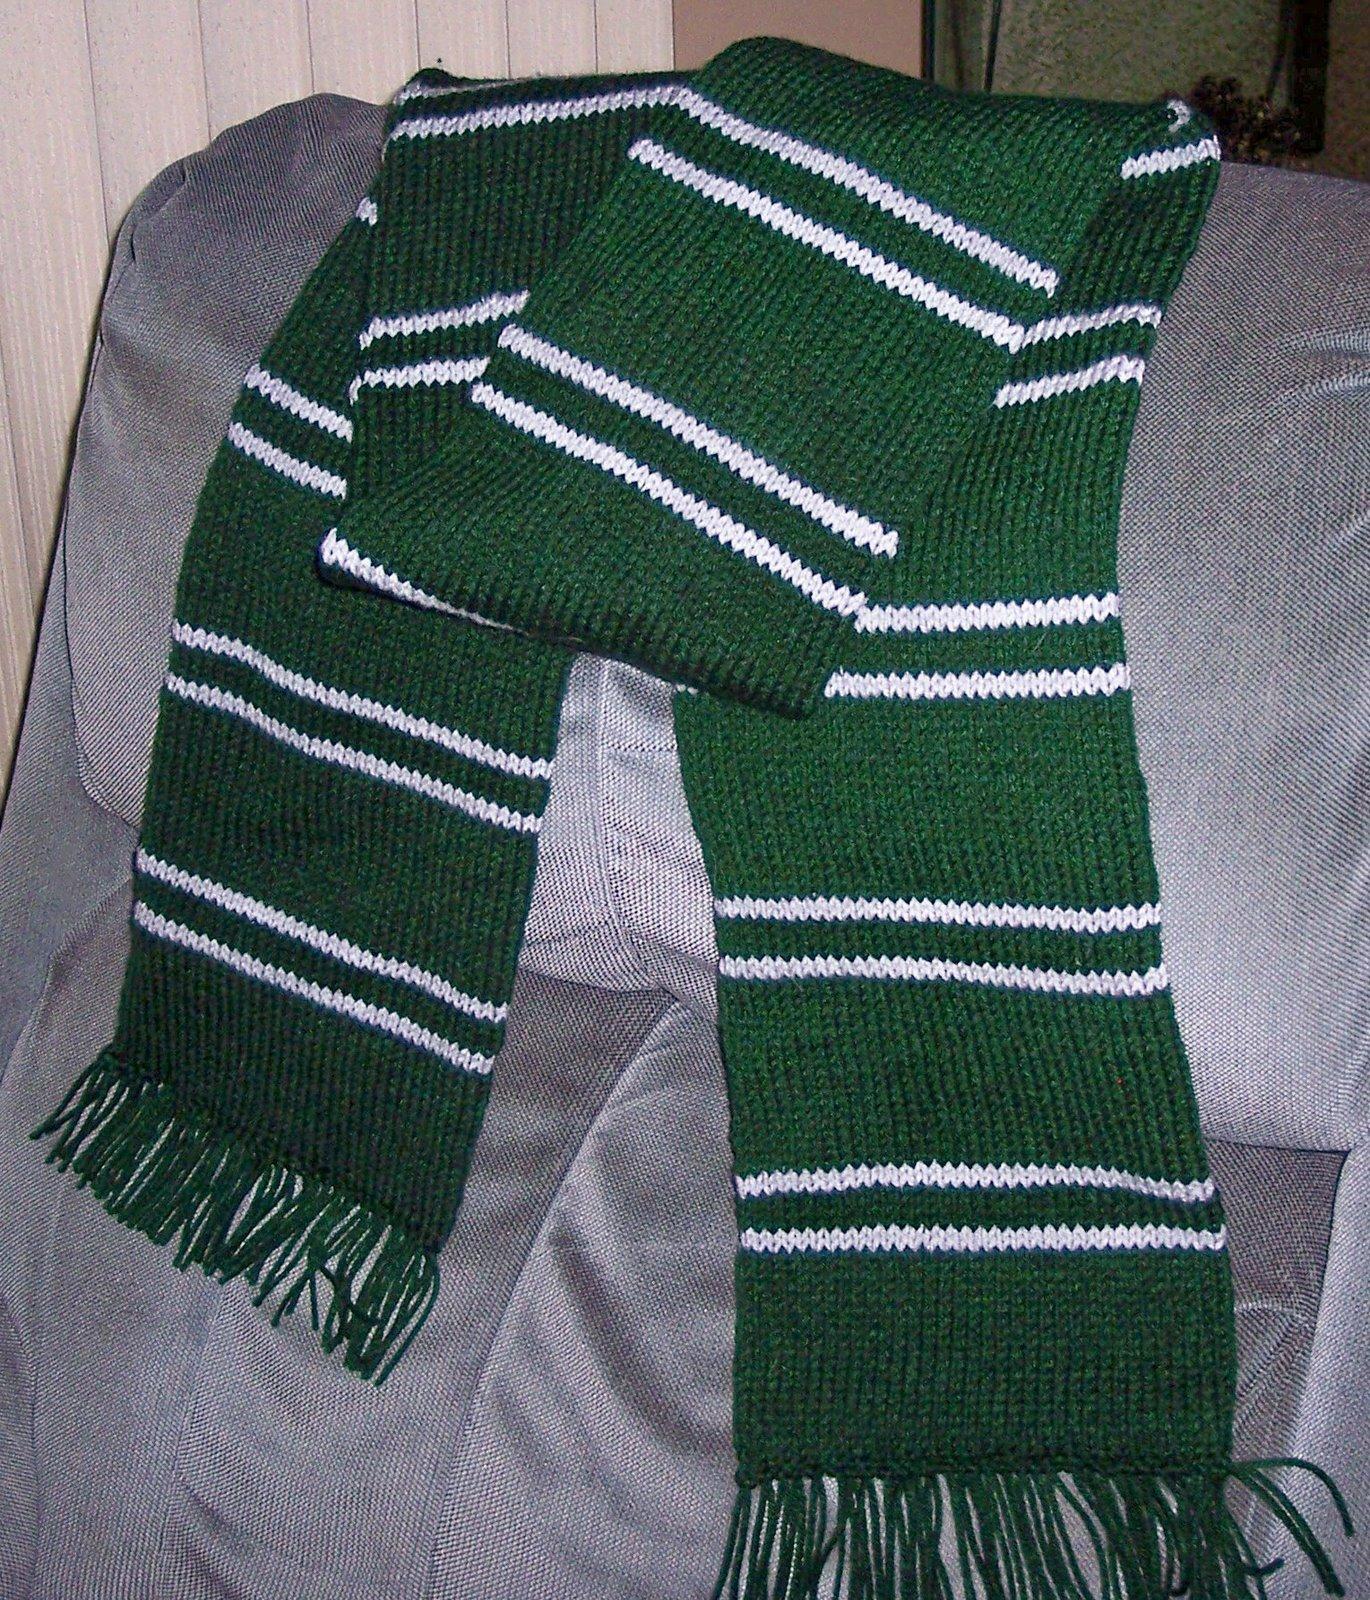 Slytherin Scarf Knitting Pattern : Crochet Knit Pattern Scarf Crochet Learn How To Crochet Rachael Edwards